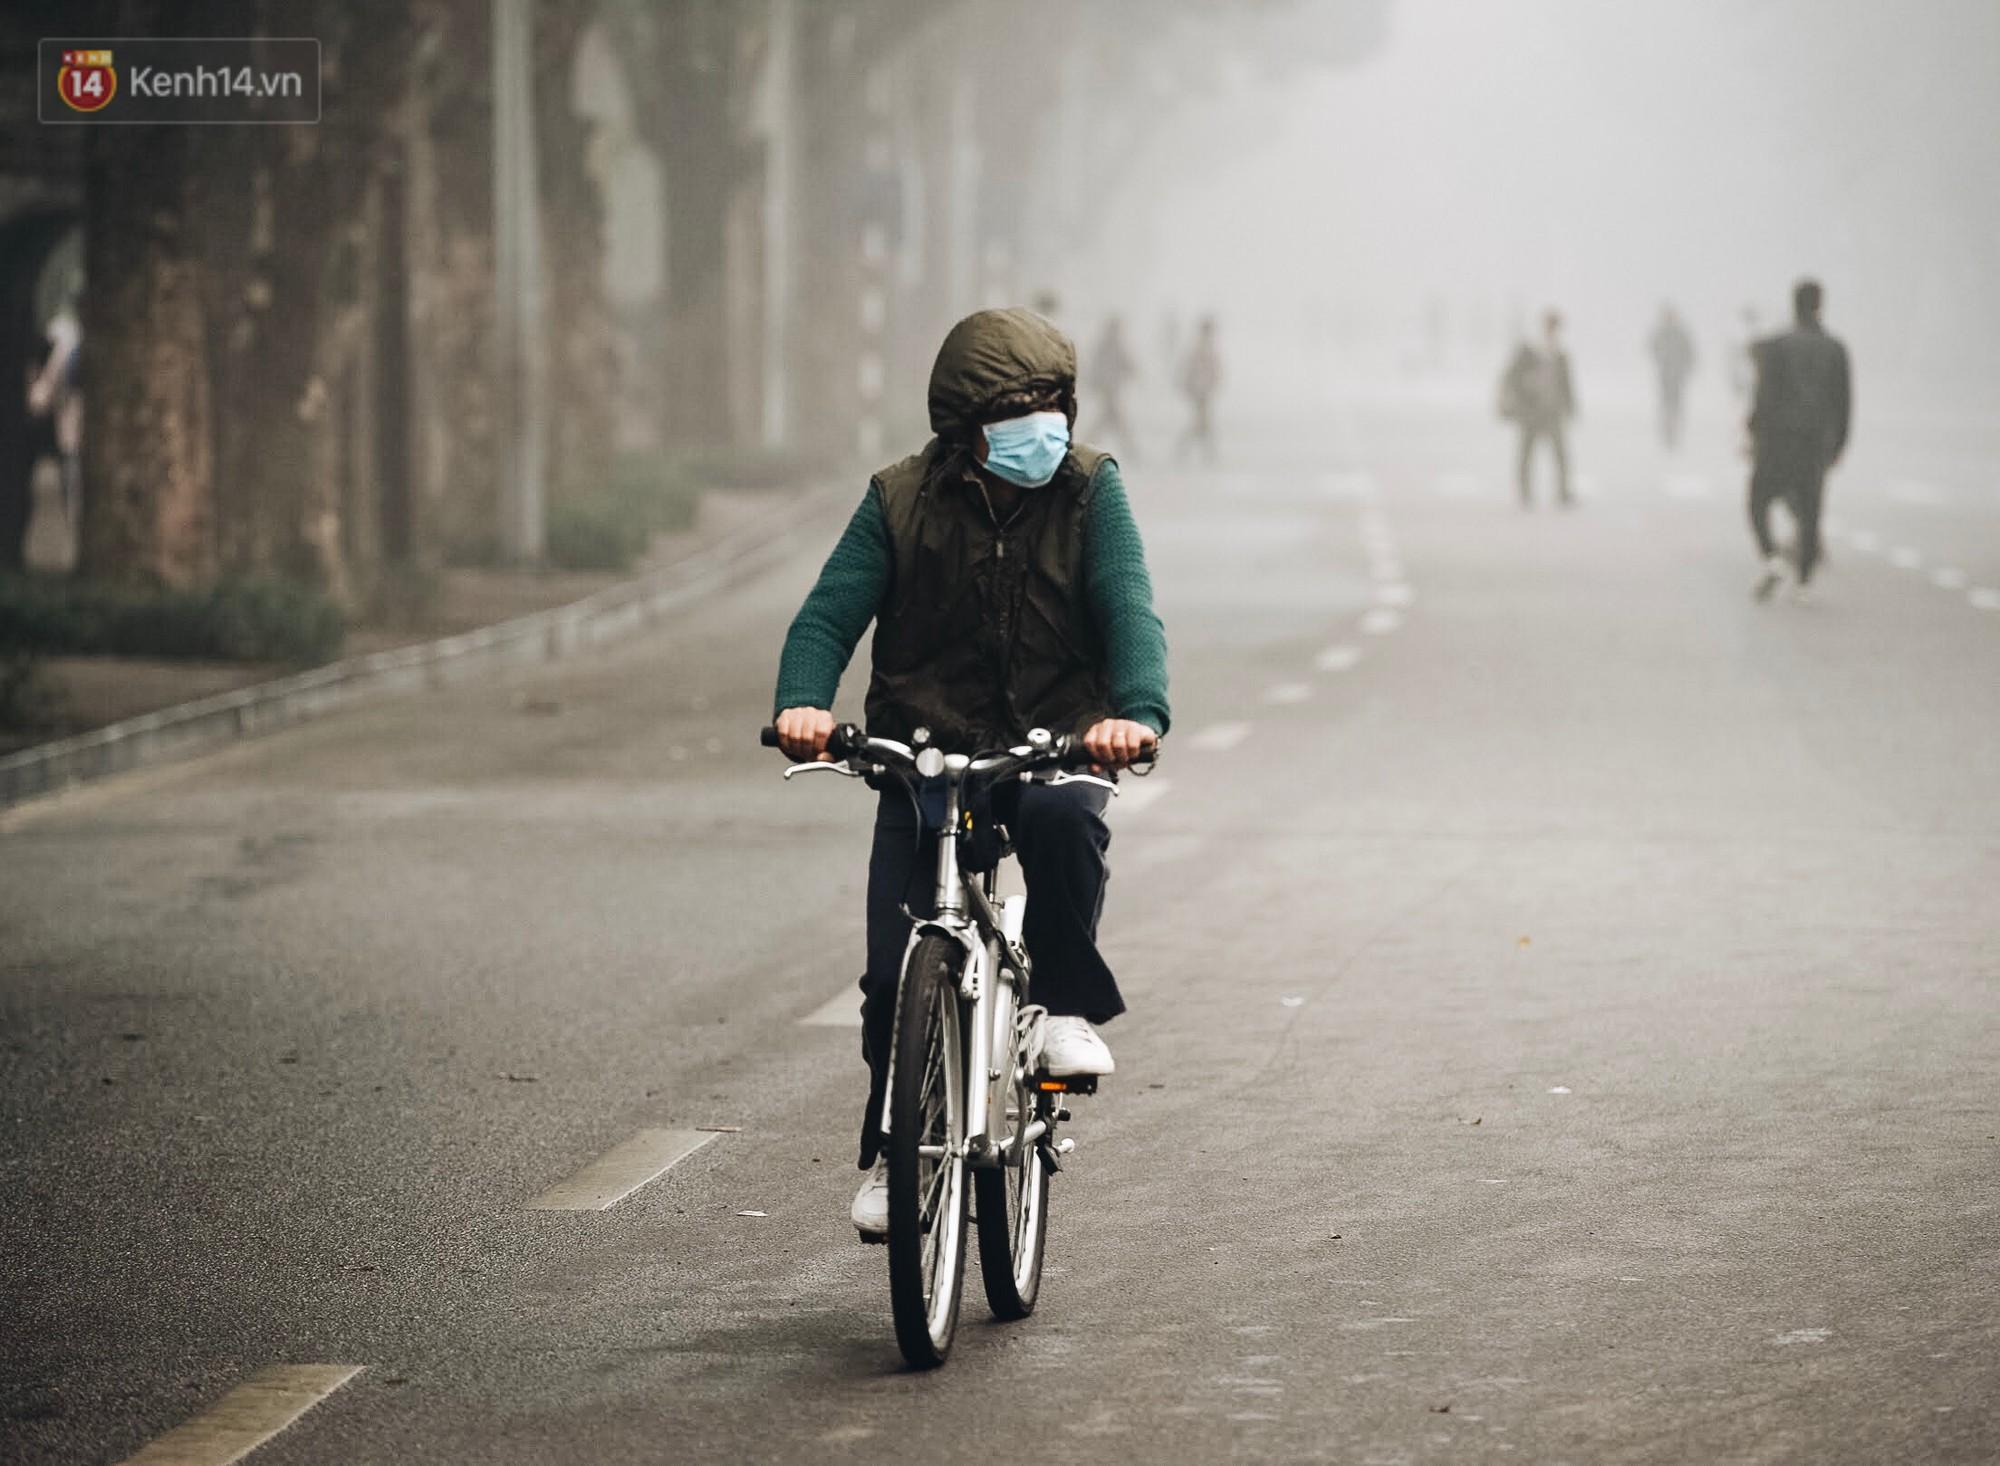 Chùm ảnh: Sáng cuối tuần, sương mù dày đặc phủ kín Hà Nội khiến người dân ngỡ như đang ở Sapa - Ảnh 12.